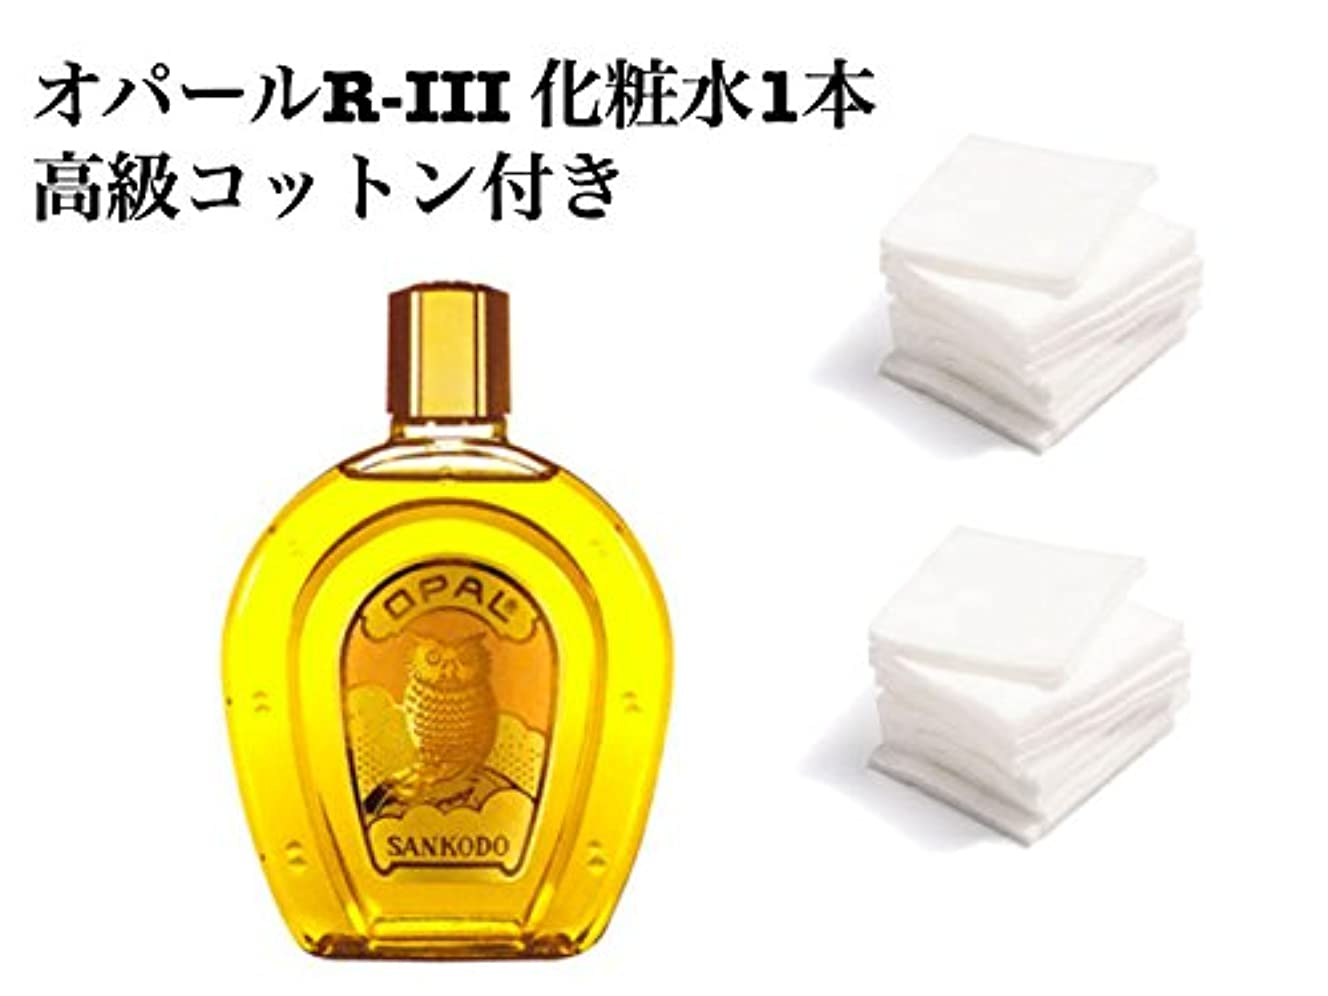 誓約書き込みそれ【オパール化粧品】薬用オパール_R-Ⅲ (70ml & コットンセット)